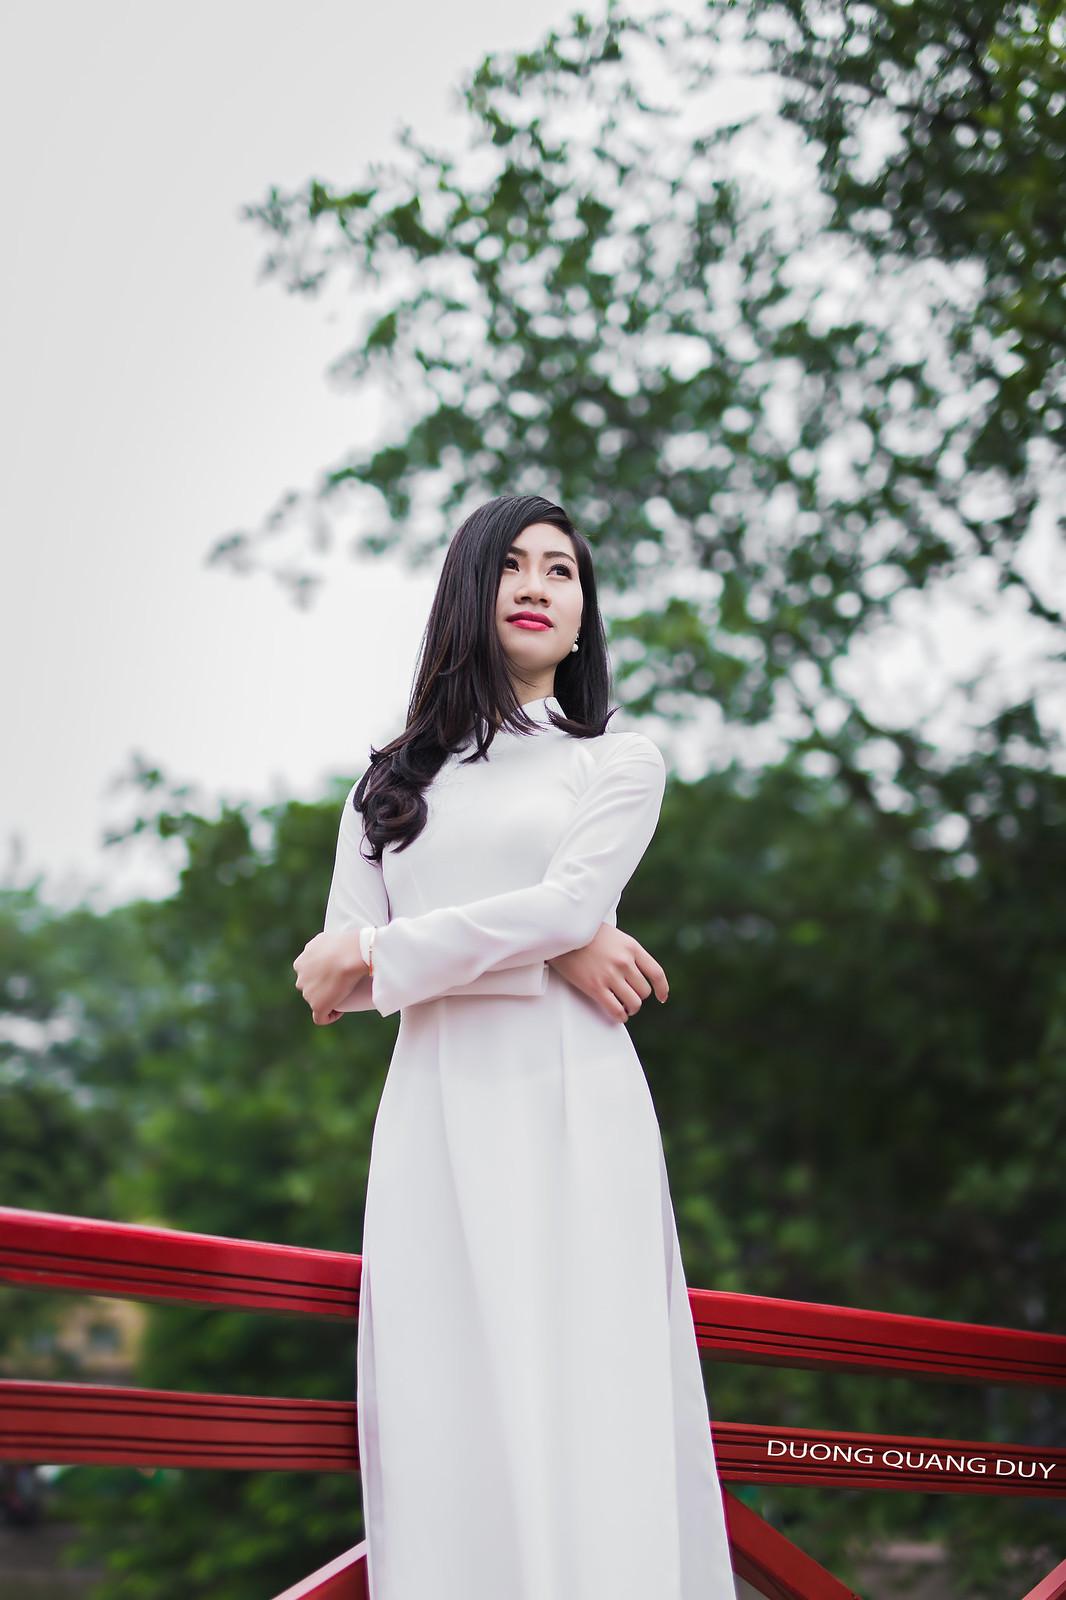 Áo dài trắng - Hà Nội chớm đông 6